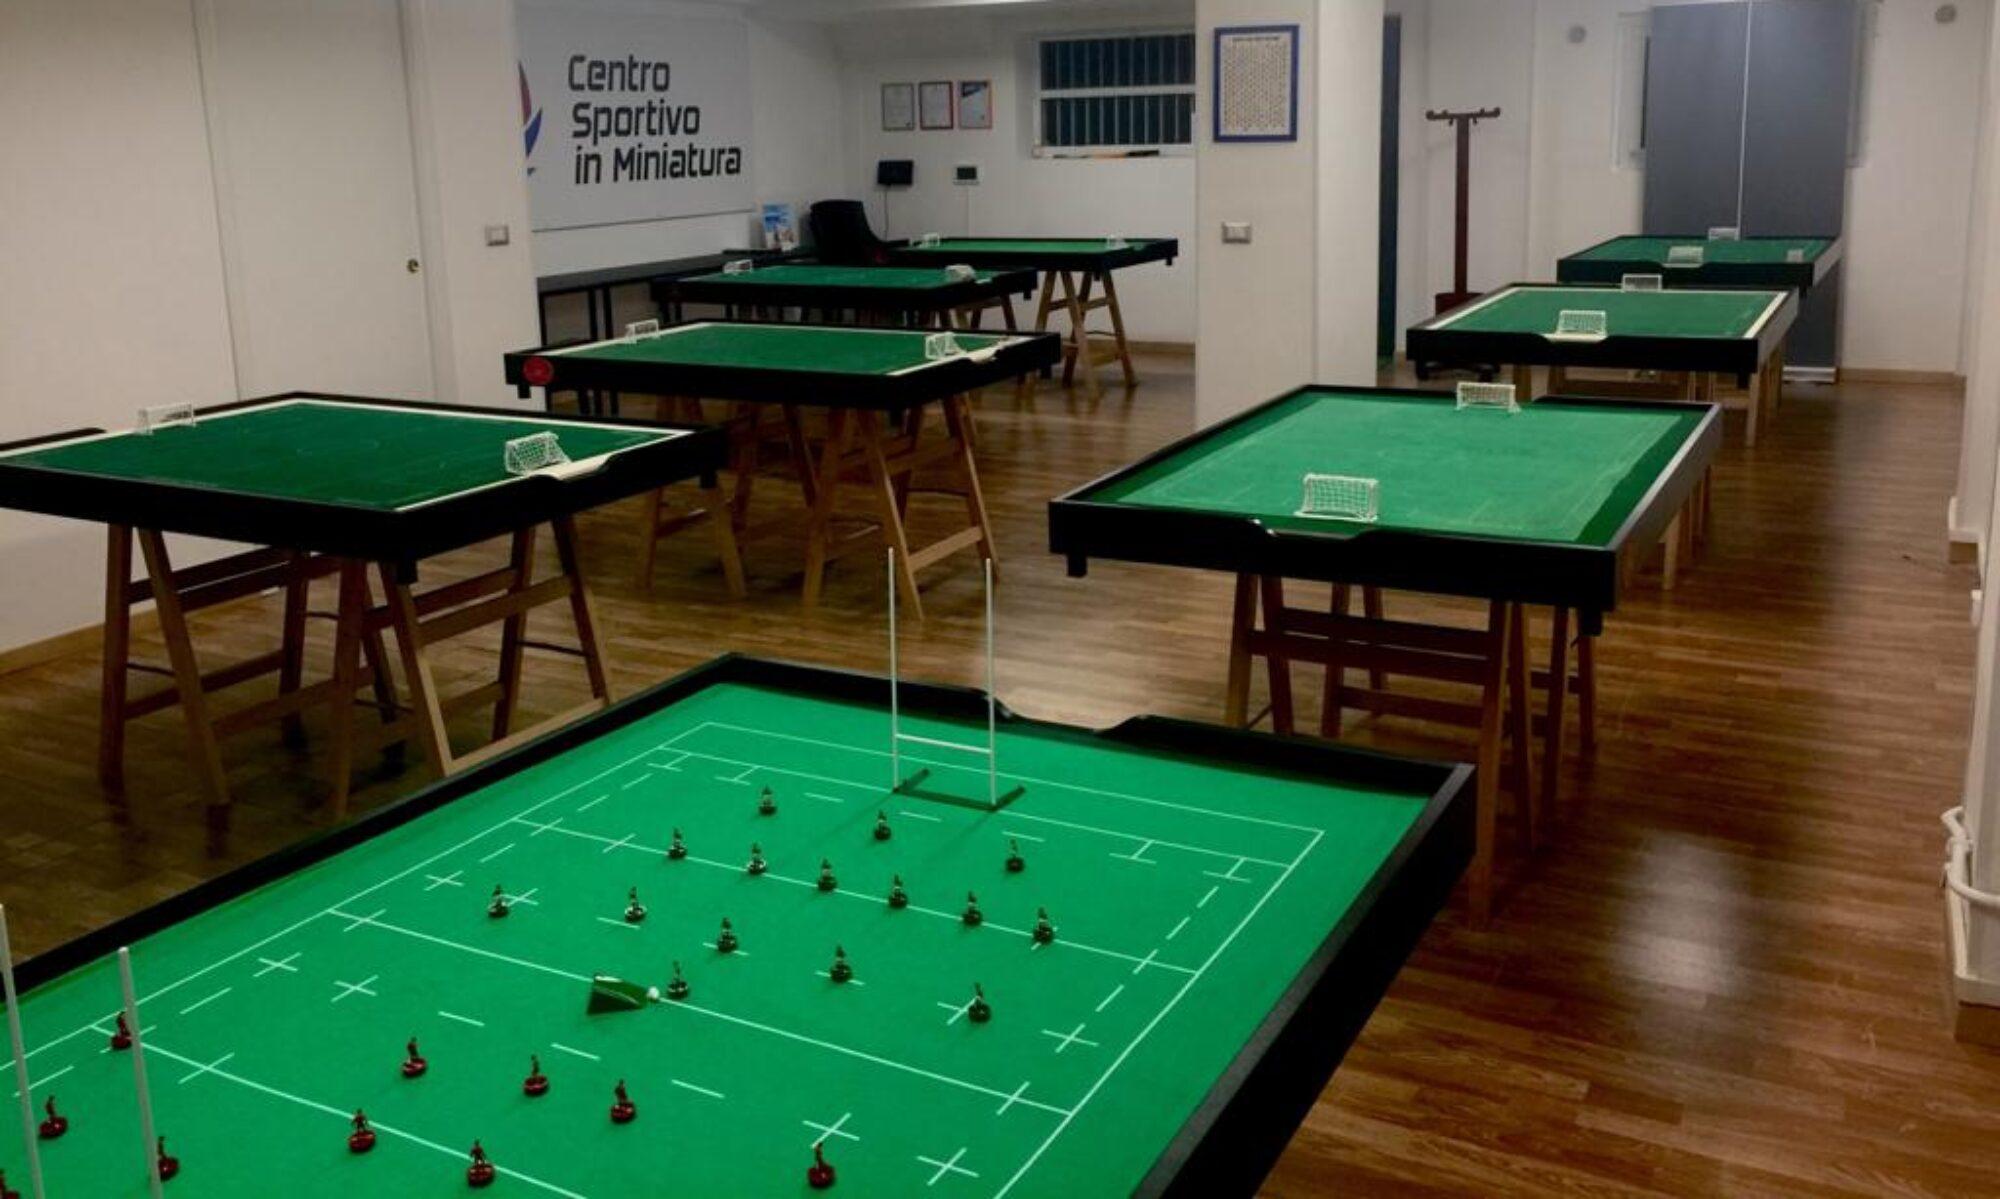 Centro Sportivo in Miniatura